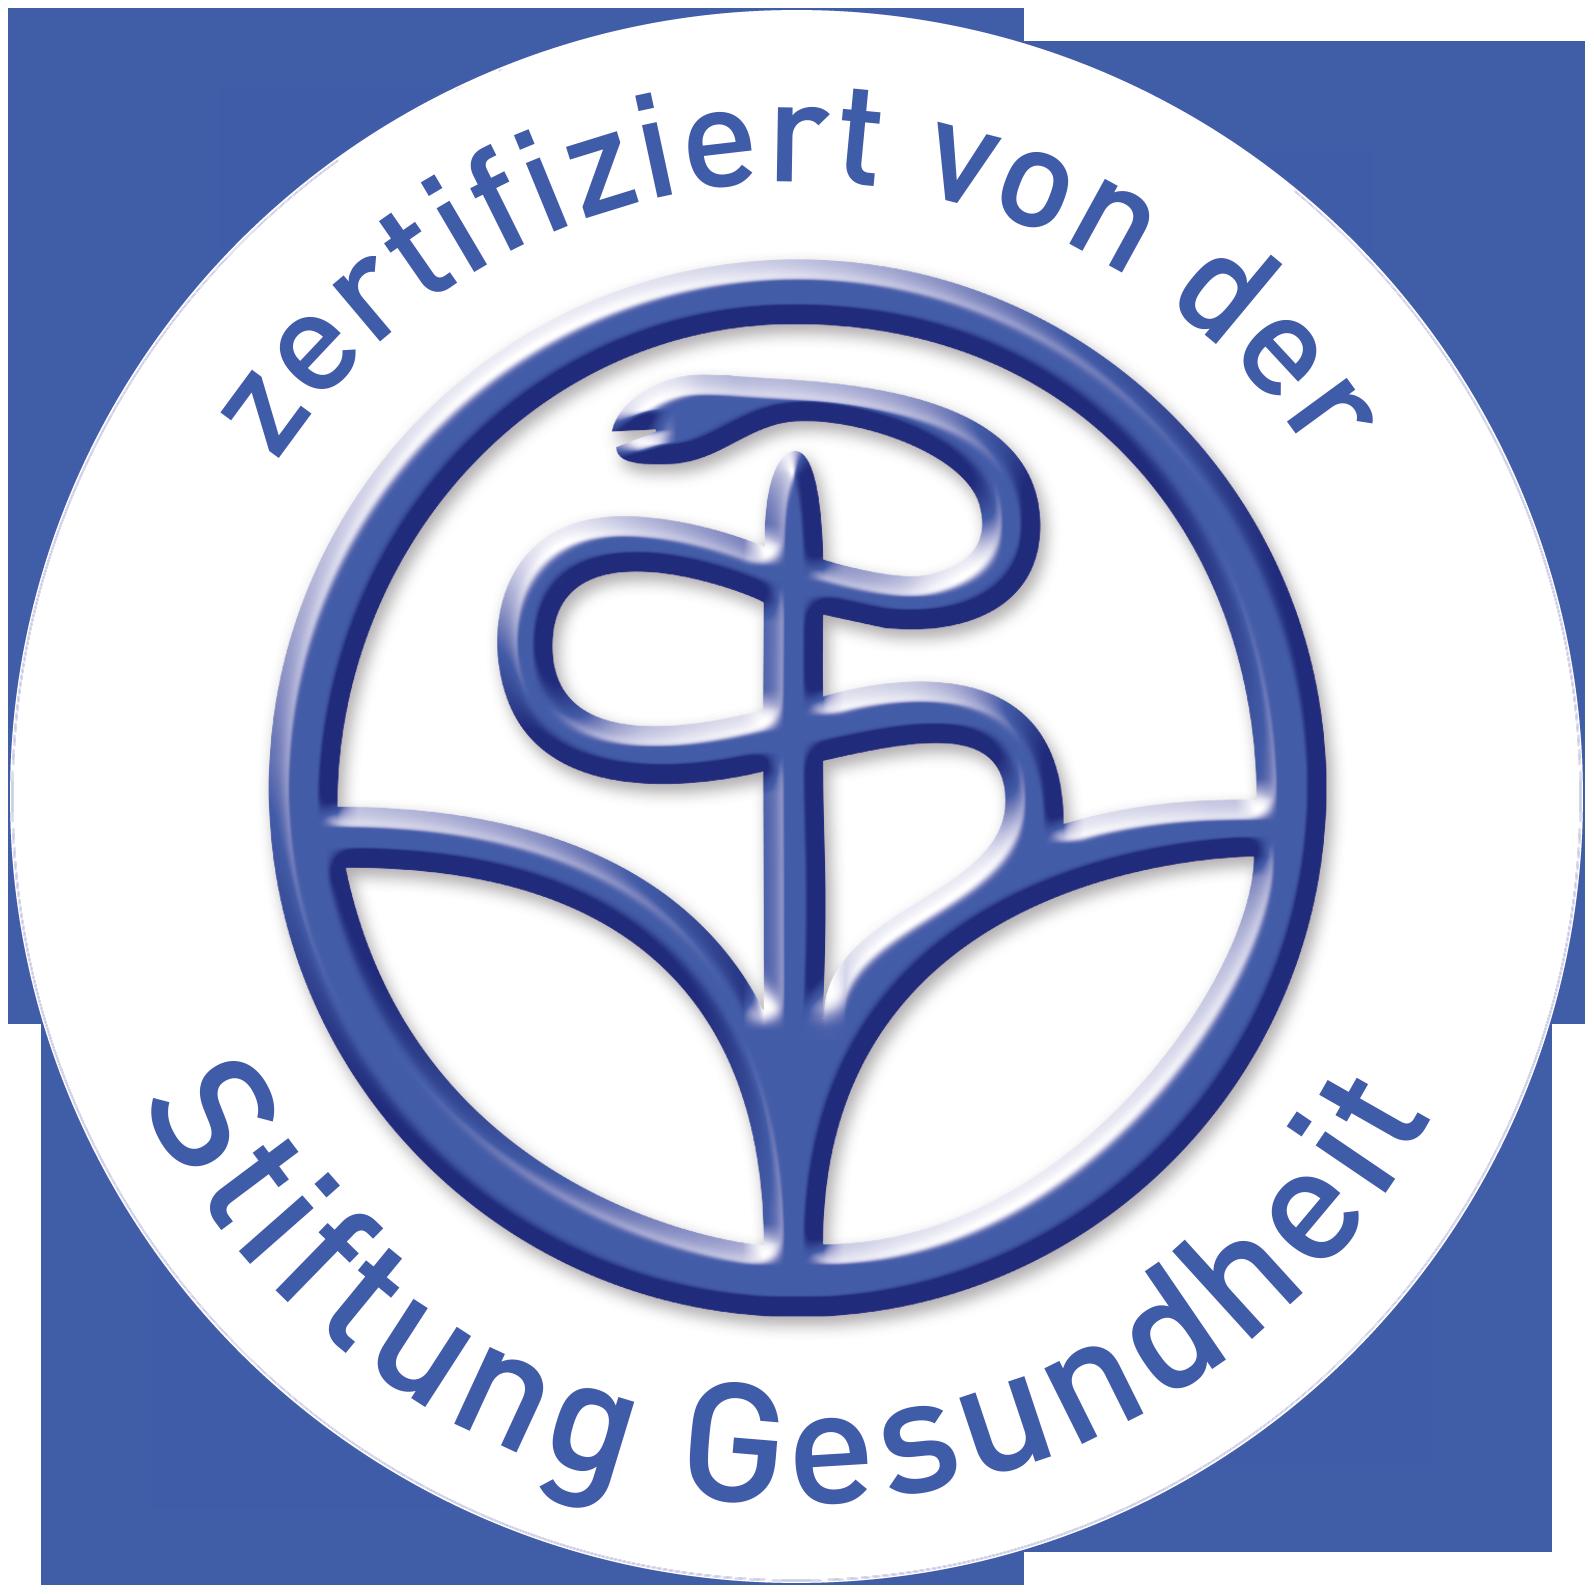 Print-Zertifizierung der Stiftung Gesundheit